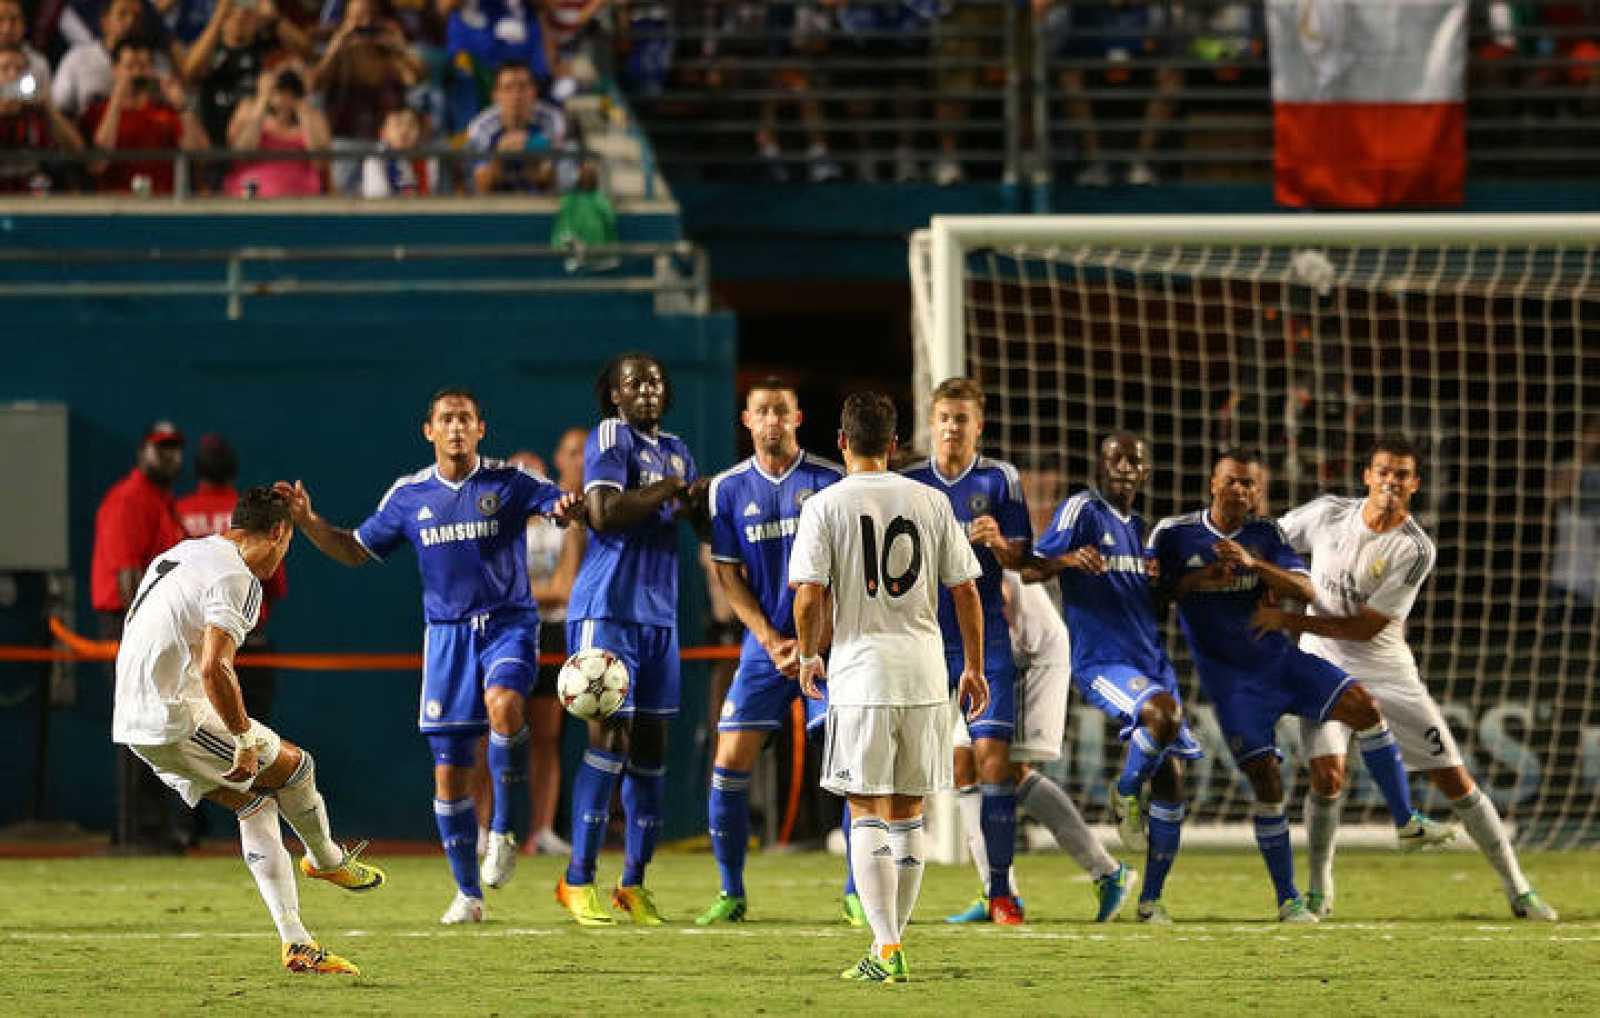 Fútbol | Real Madrid 3-1 Chelsea | El Real Madrid vence 3-1 al Chelsea de Mourinho con dos goles y exhibición de Cristiano Ronaldo - RTVE.es